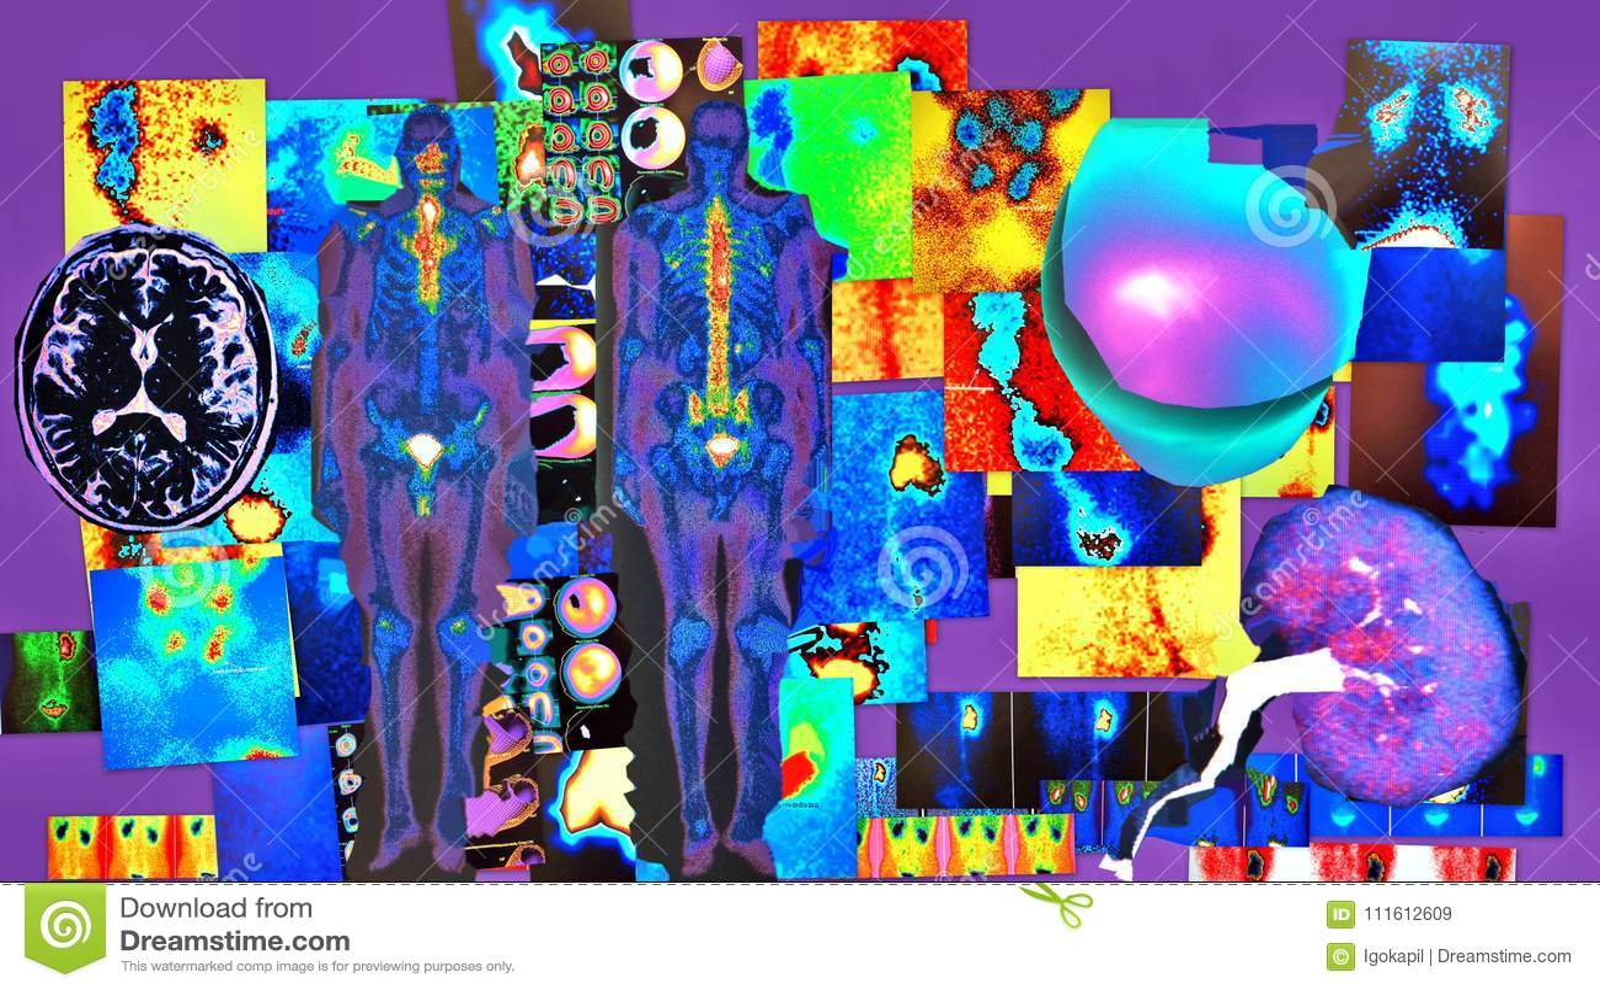 Radiological diagnostic violet color elements